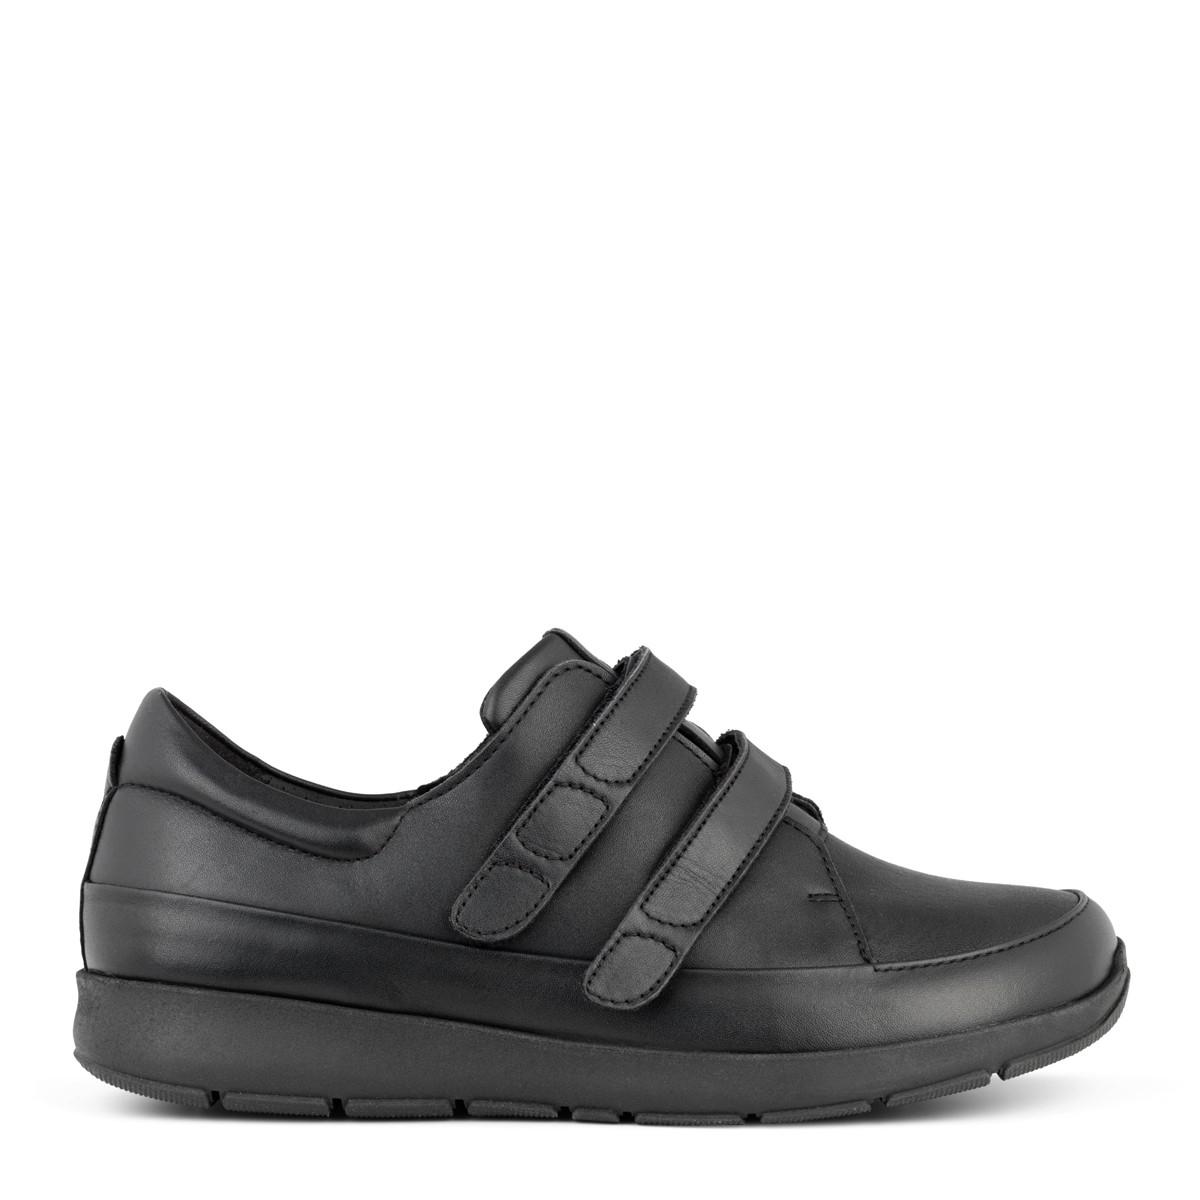 New Feet damesko i strækskind med velcrolukning